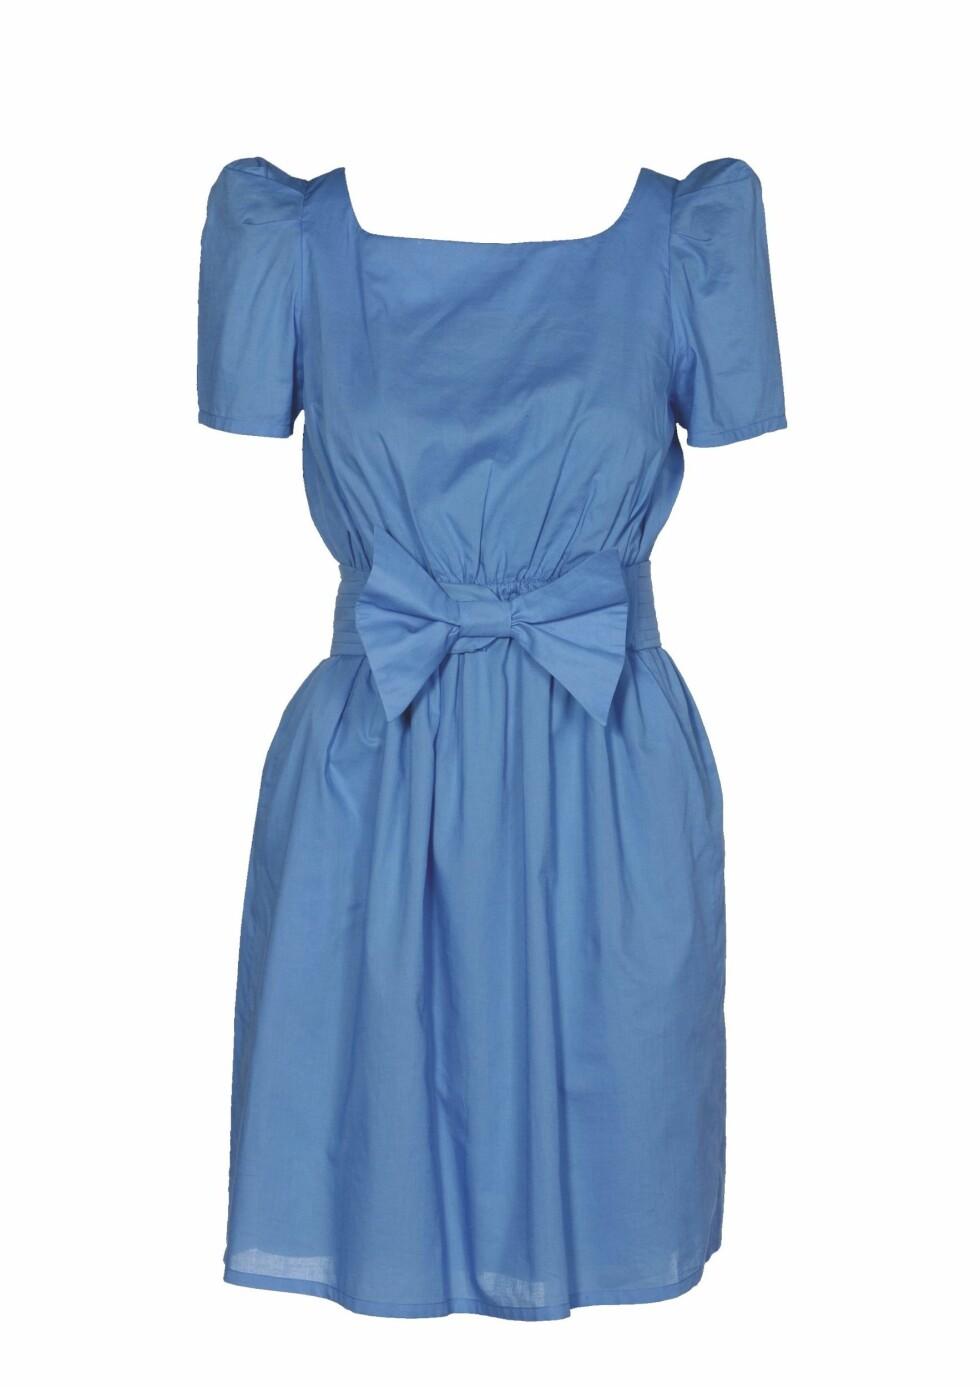 Snuppete kjole med sløyfe i livet og puffermer (kr 3400, Elton & Jacobsen).